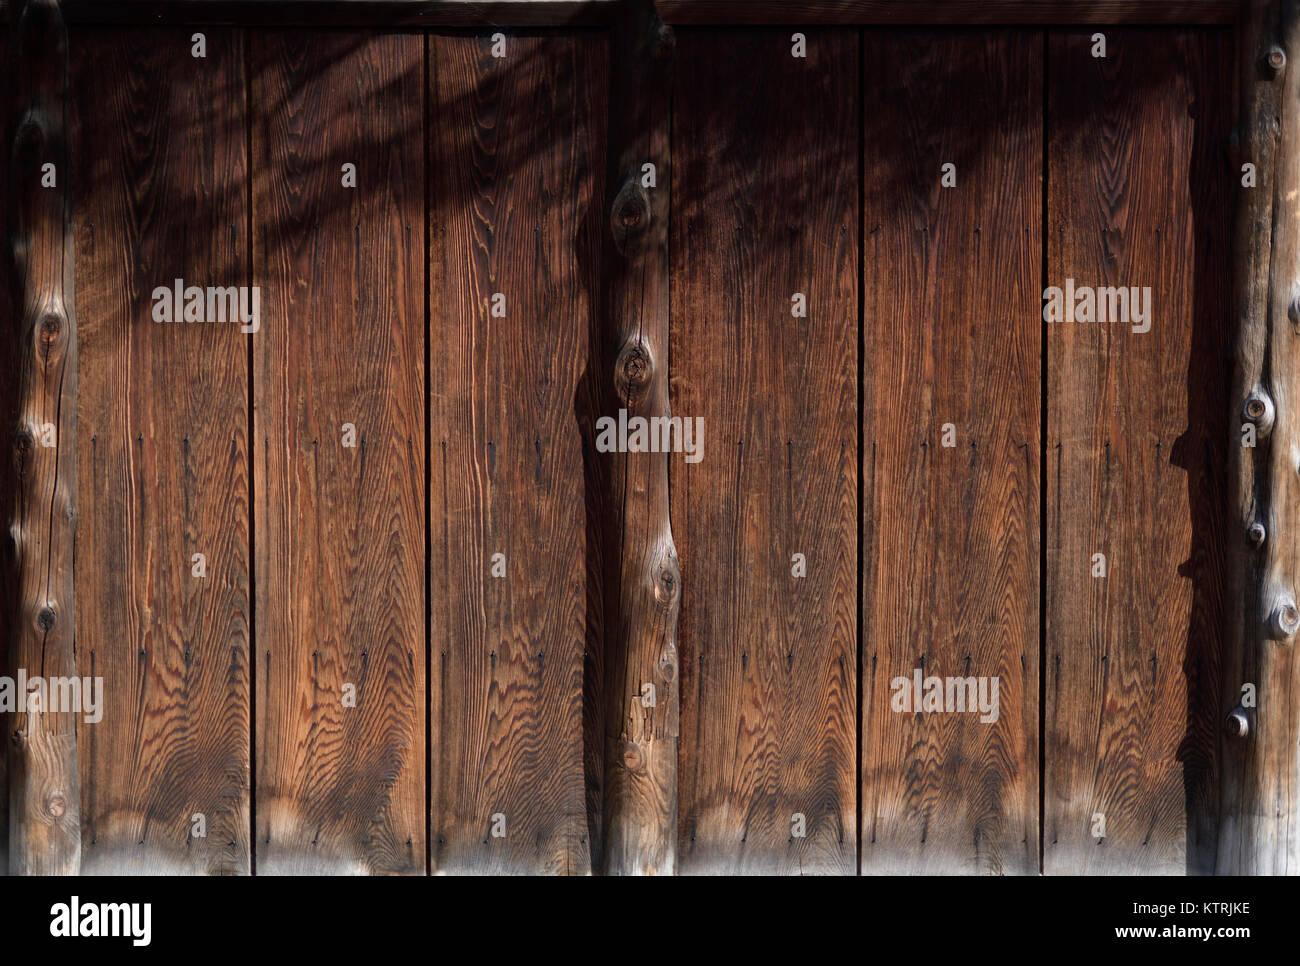 Carbonizzati giapponese il marrone scuro del legno di cedro, Shou ...